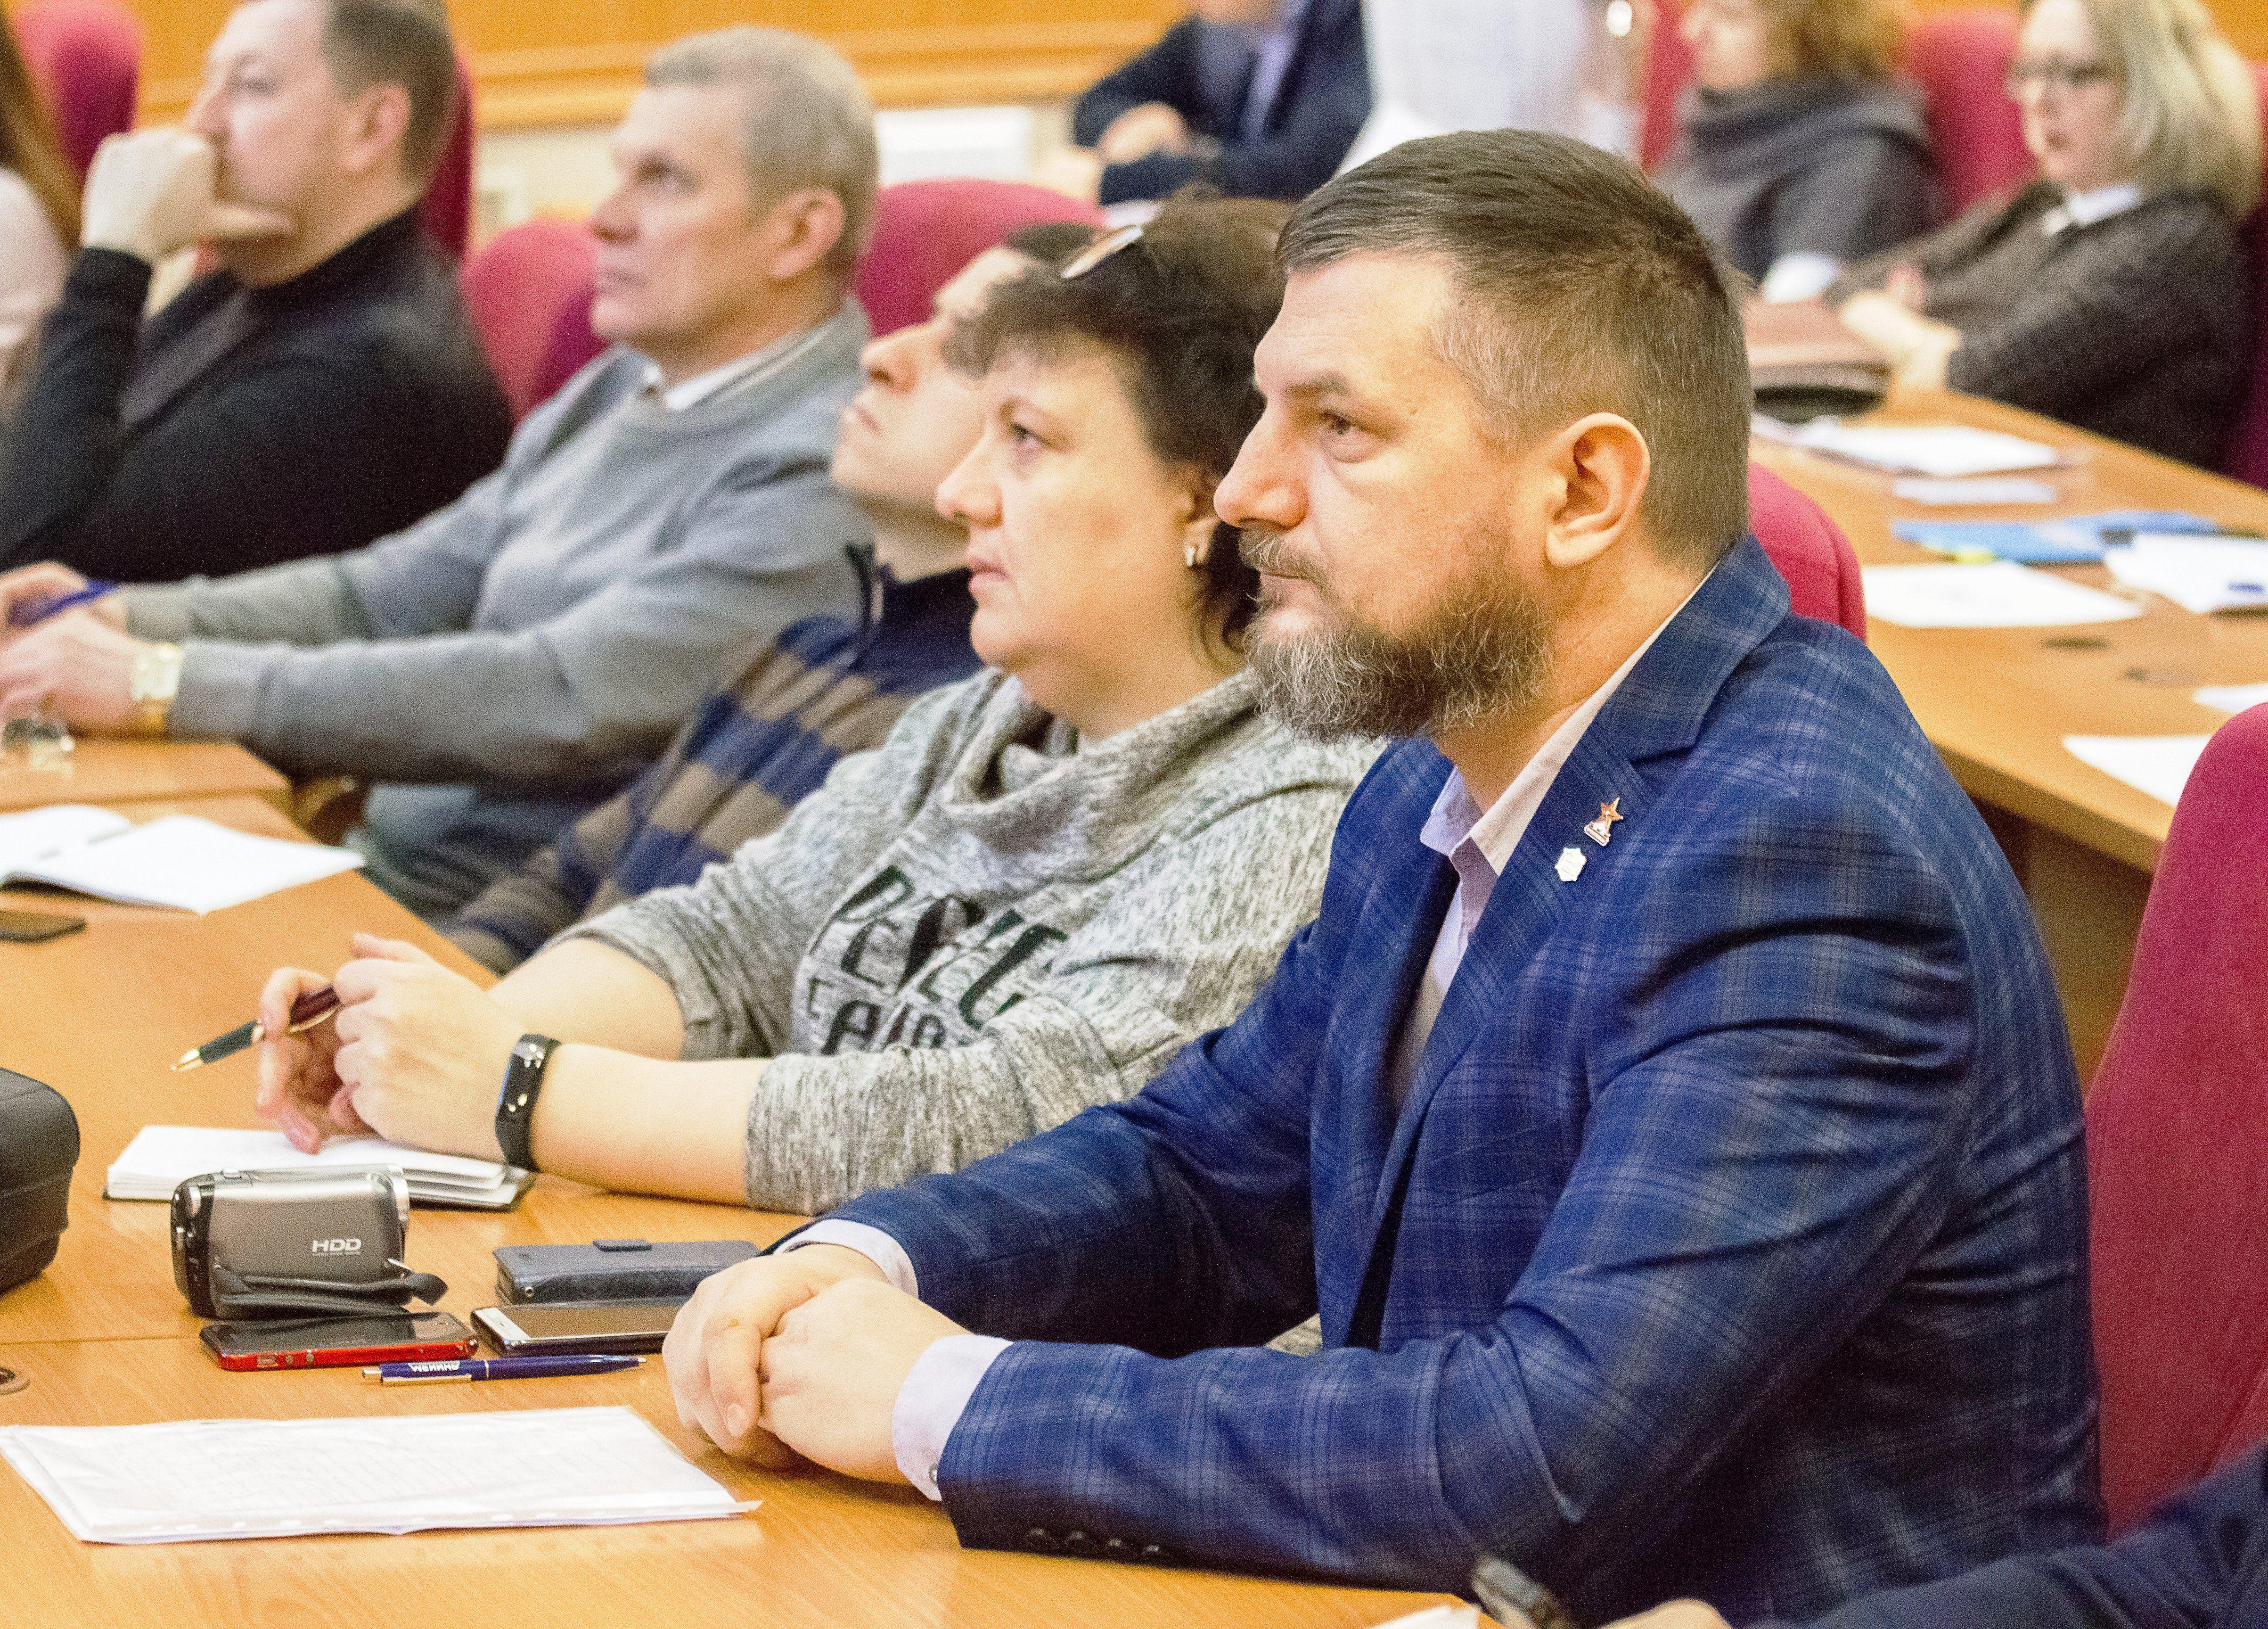 Специалисты по ГО и ЧС Москвы обсудили задачи на городском семинаре